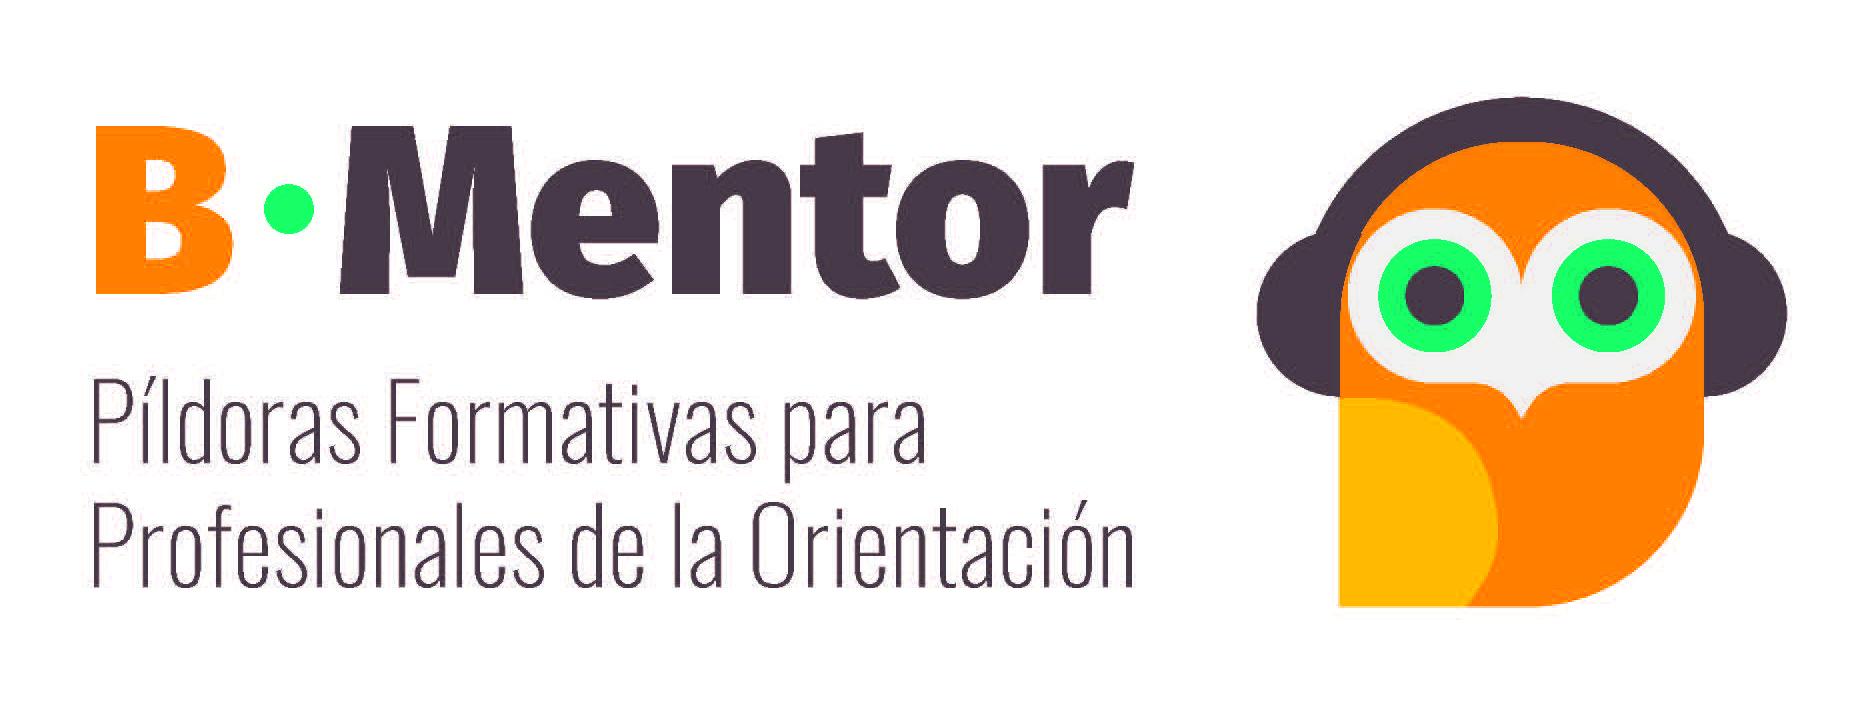 B-Mentor: Píldoras formativas para profesionales de la orientación